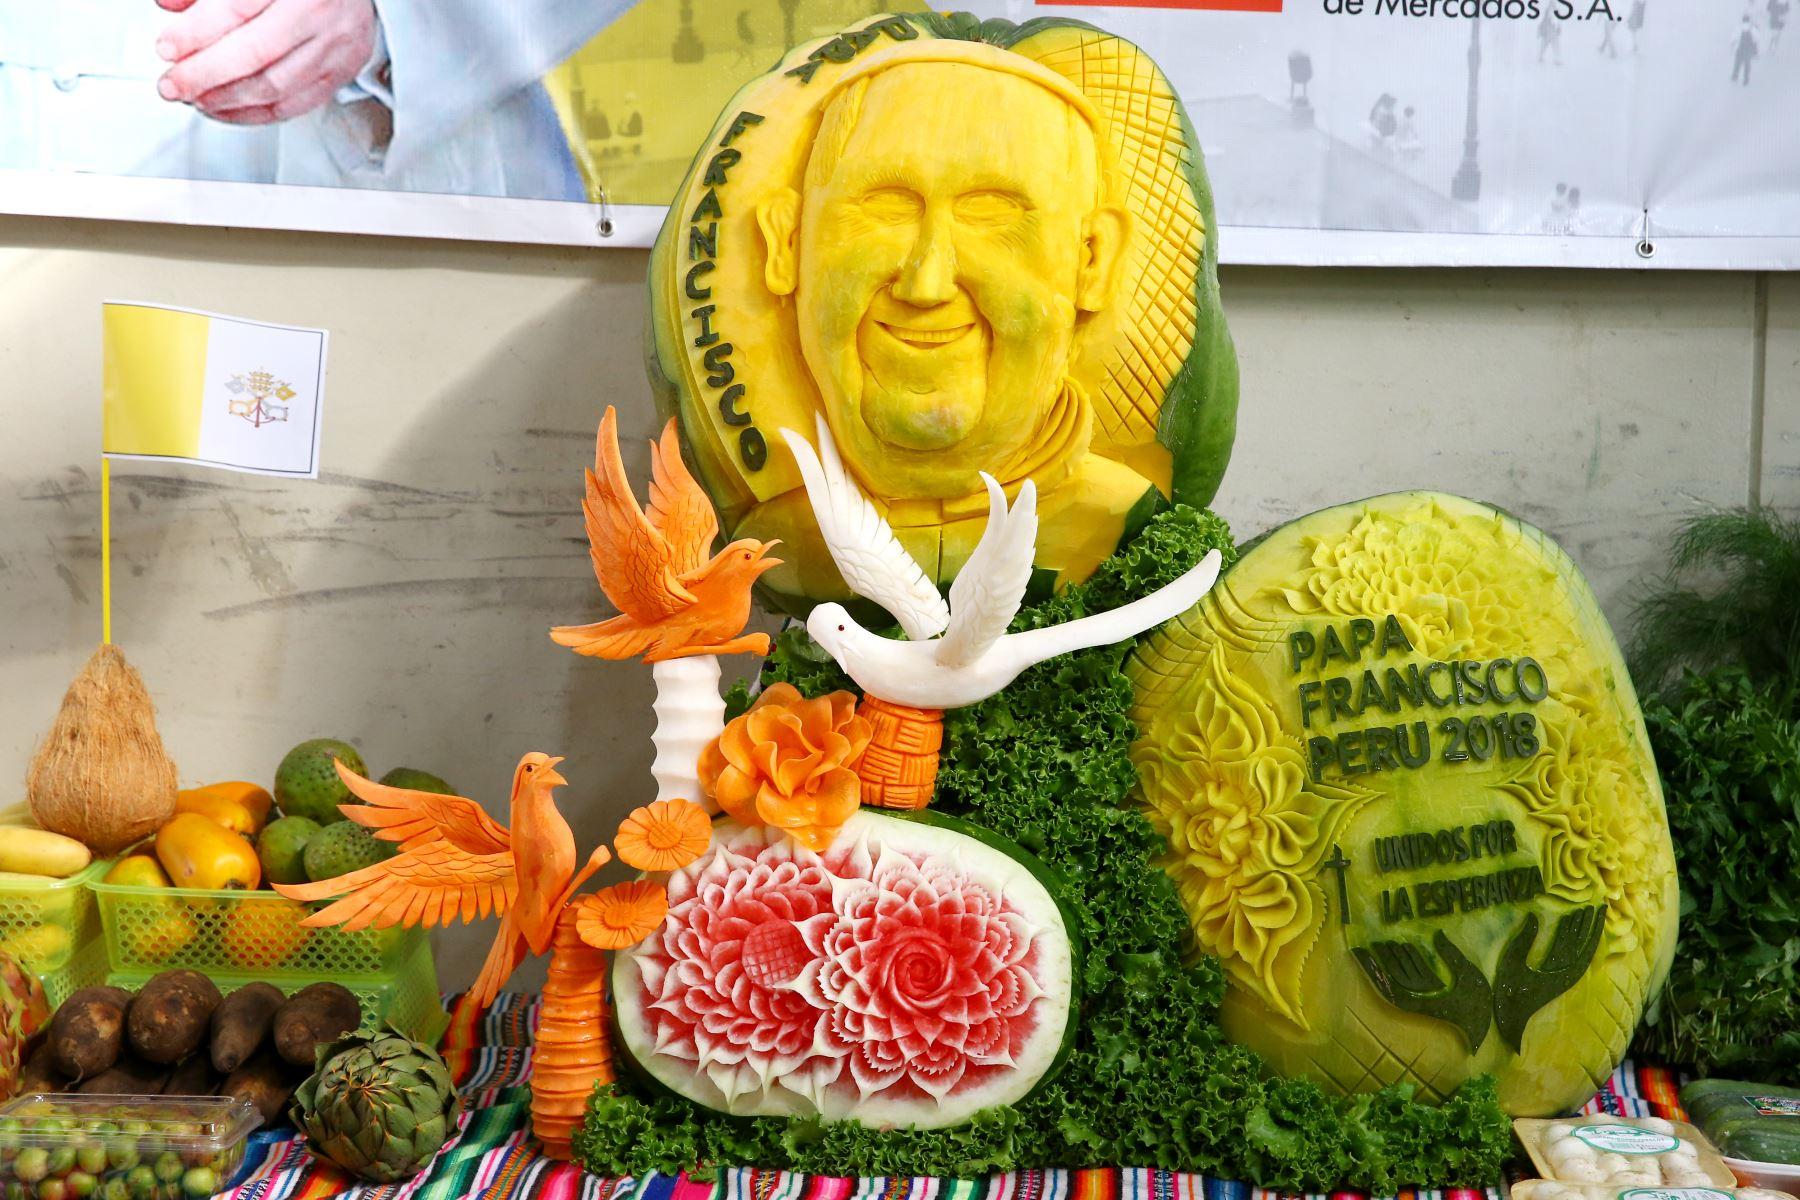 El rostro de Francisco resalta en un enorme zapallo, uno de los productos que ofrece el mercado. Foto: ANDINA/Melina Mejía.